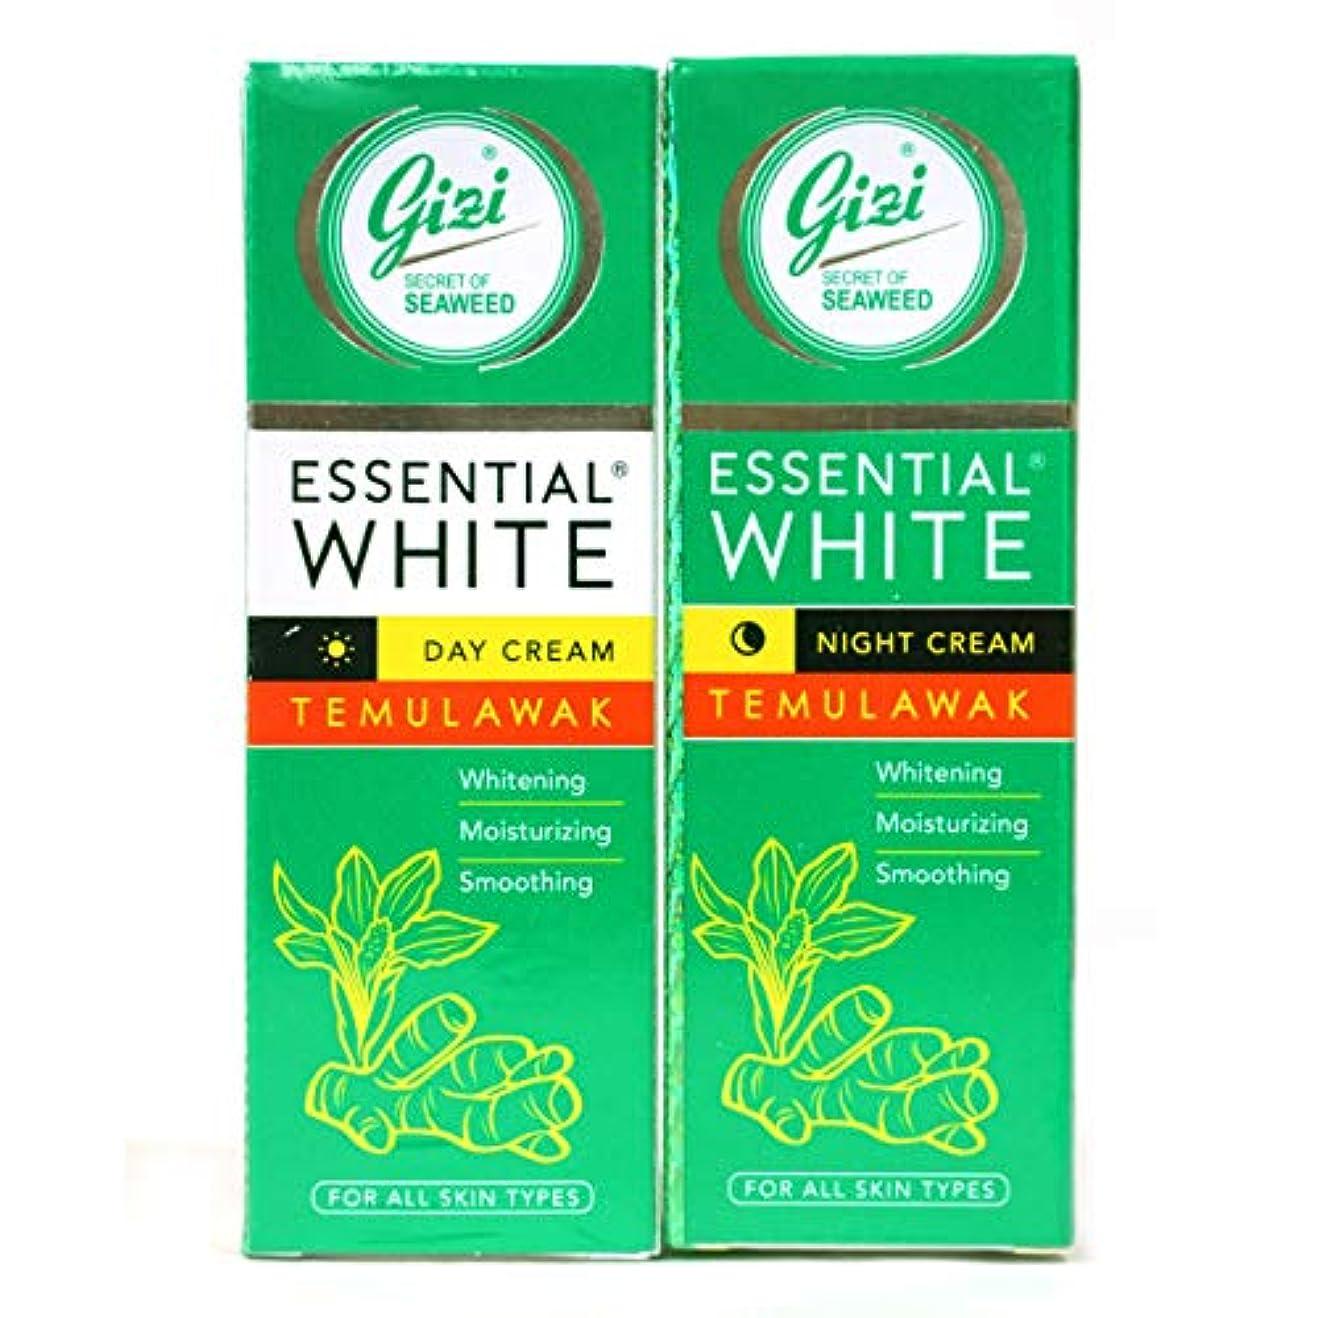 わなワーディアンケース施しギジ gizi Essential White フェイスクリーム チューブタイプ 日中用&ナイト用セット 18g ×2個 テムラワク ウコン など天然成分配合 [海外直送品]